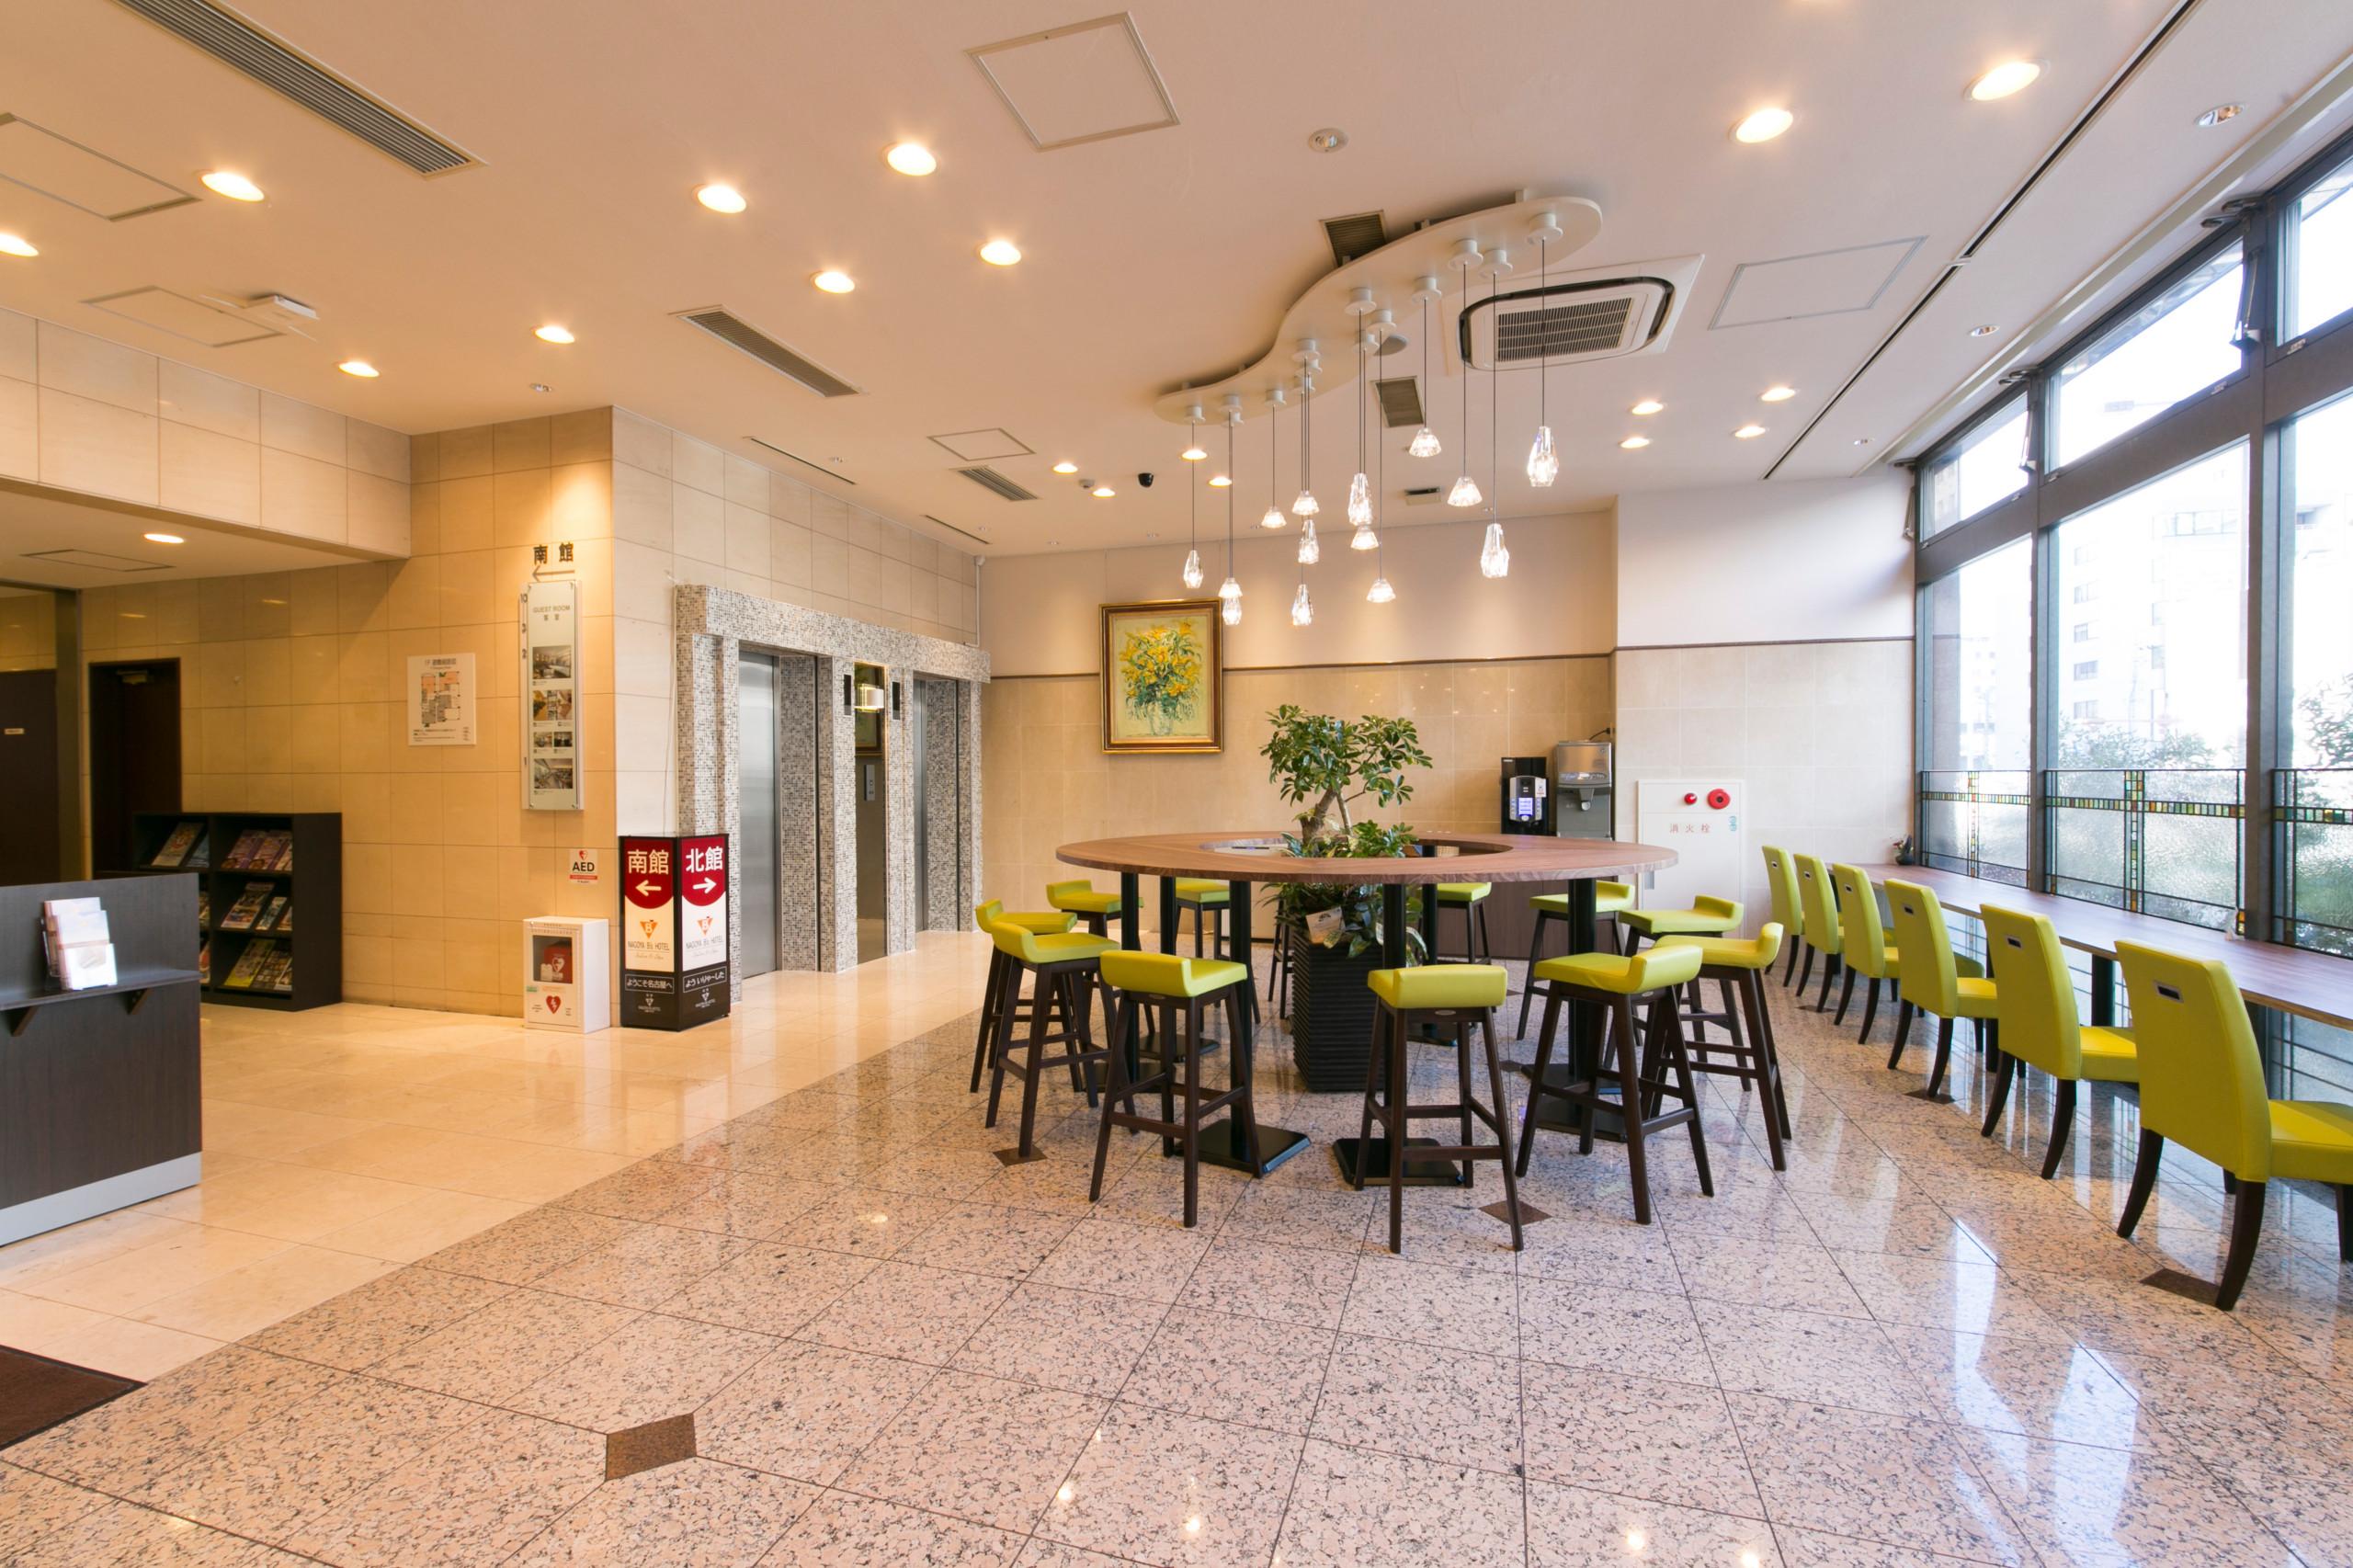 名古屋ビーズホテル 1階メインロビー